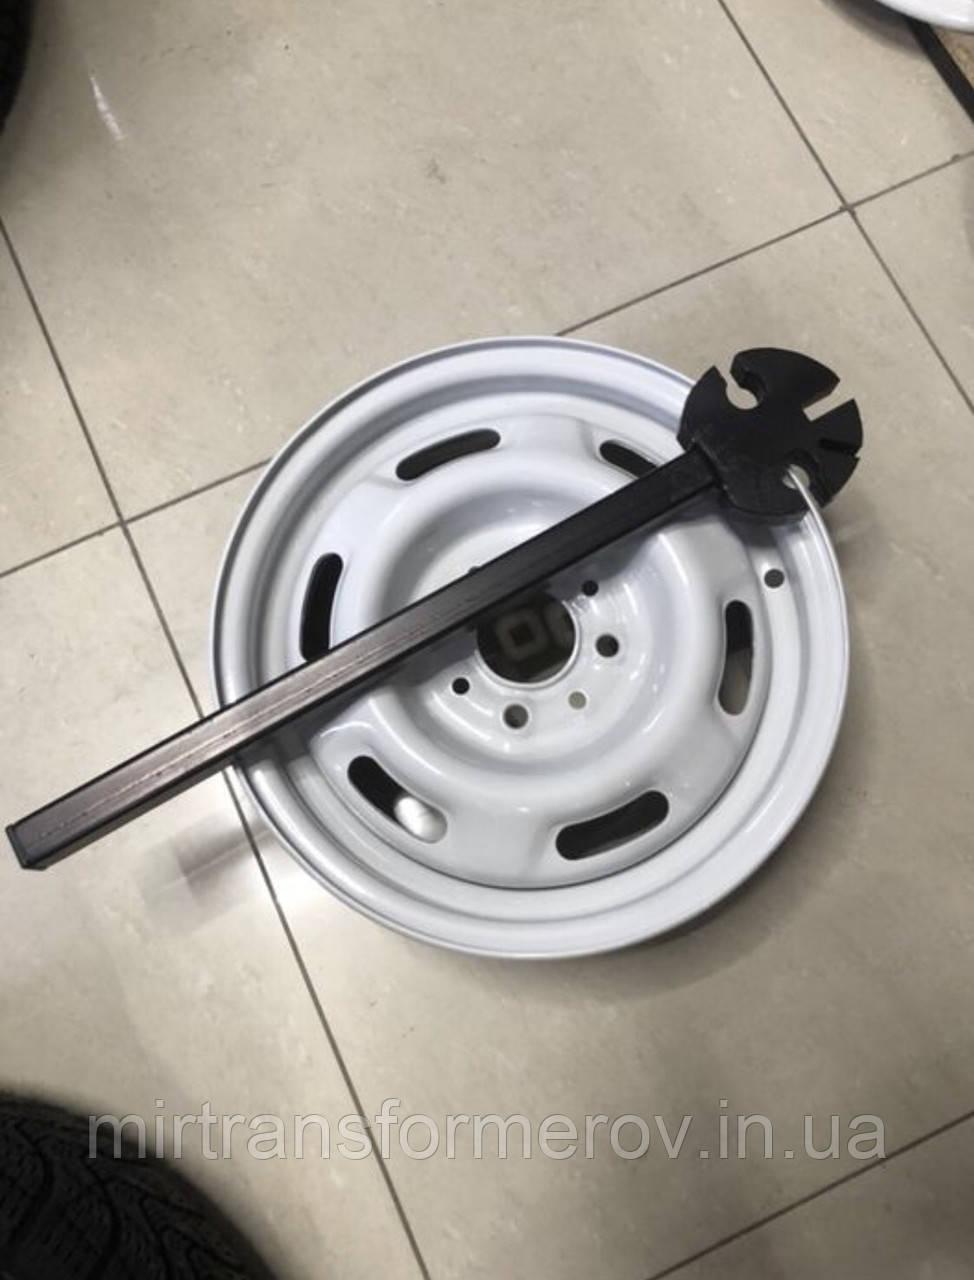 Ключ для рихтування авто дисків